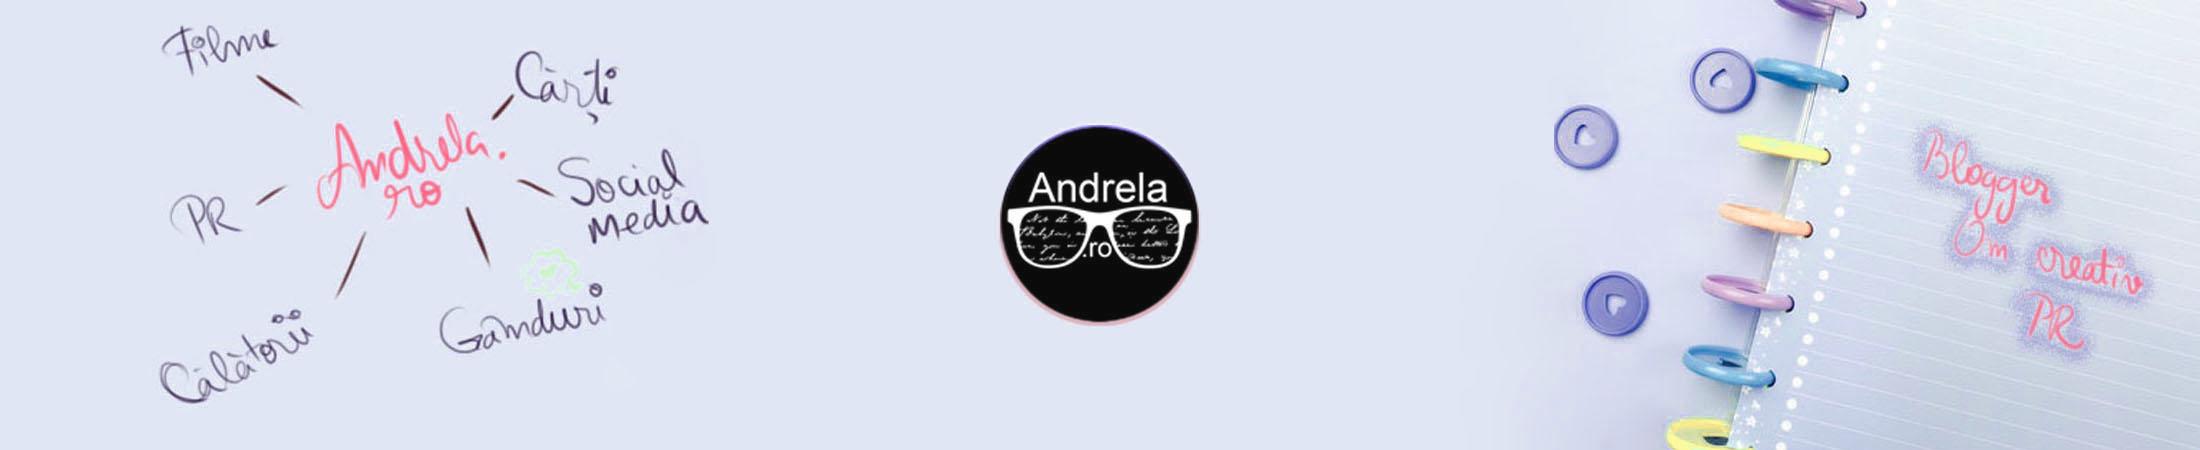 Andrela.ro